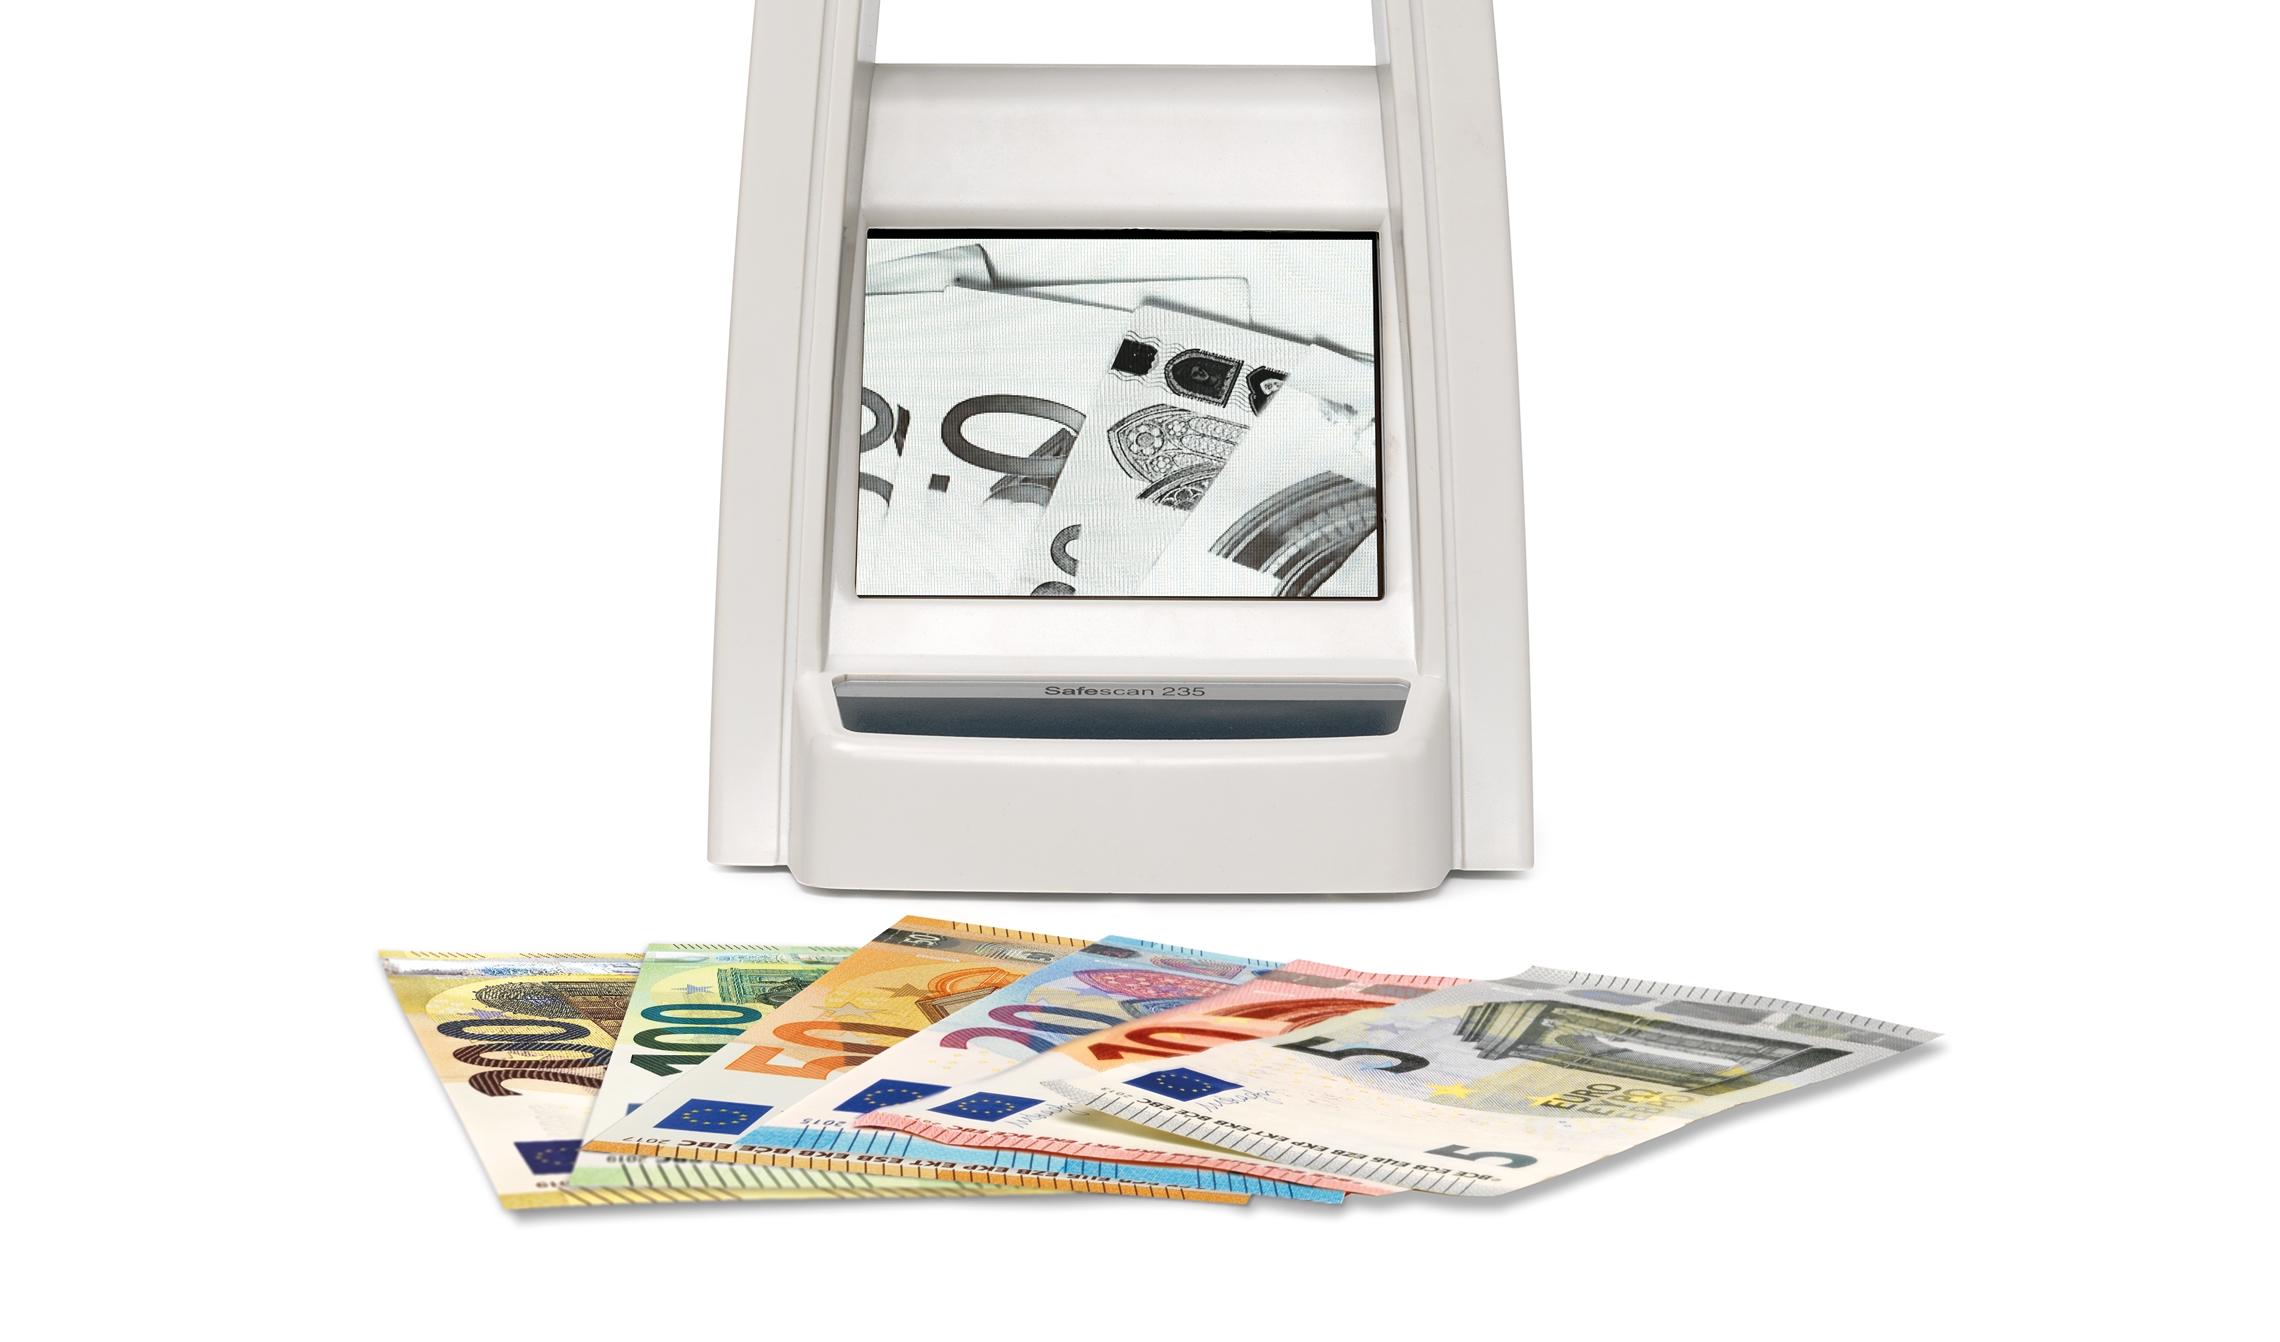 safescan-235-erkennt-infrarot-merkmale-von-banknoten